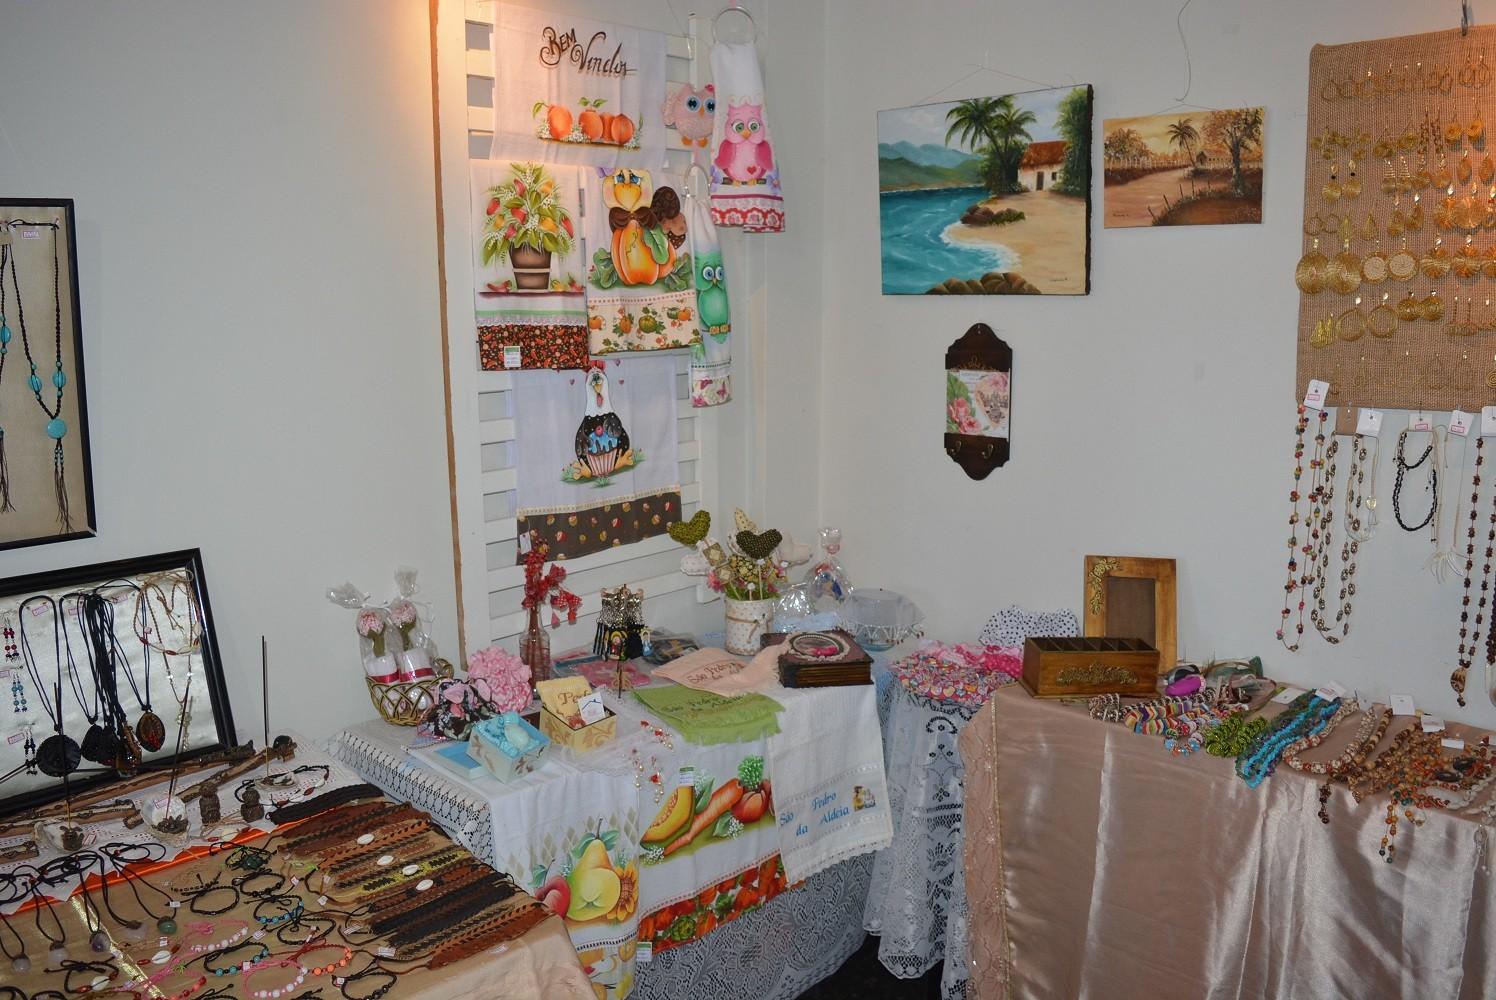 Casa de cultura de São Pedro da Aldeia, RJ, recebe exposição de artesanato  - Notícias - Plantão Diário